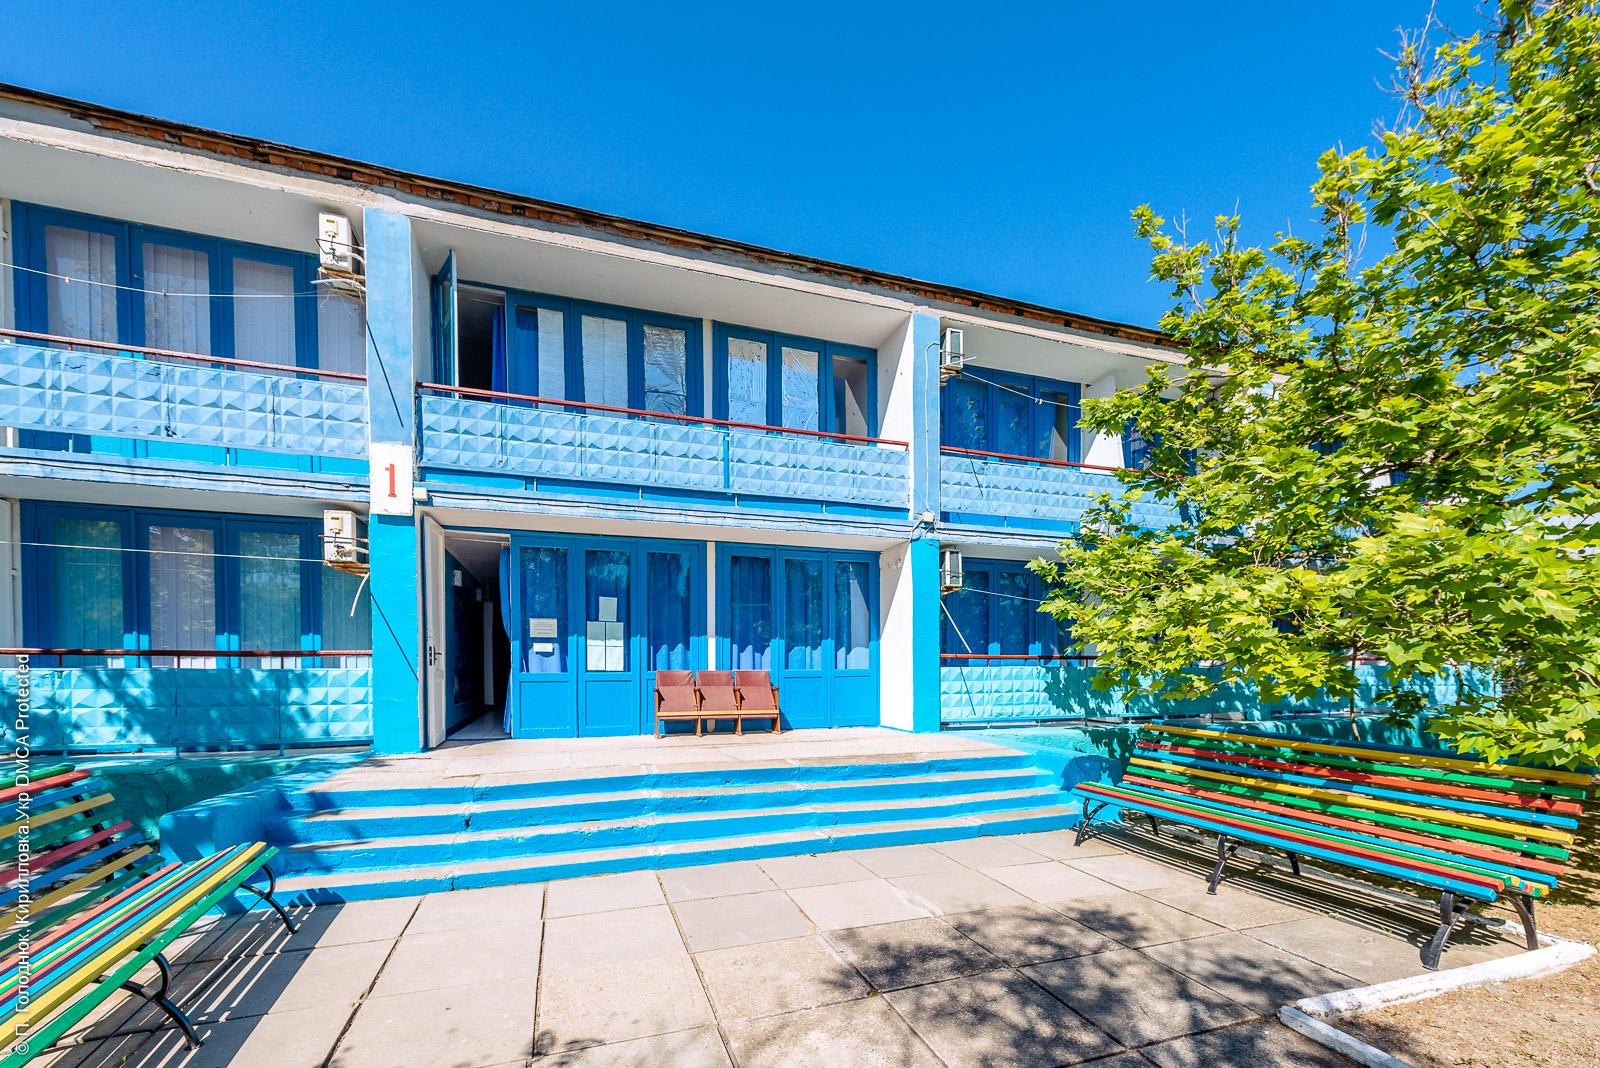 База отдыха «Голубая даль» в Кирилловке